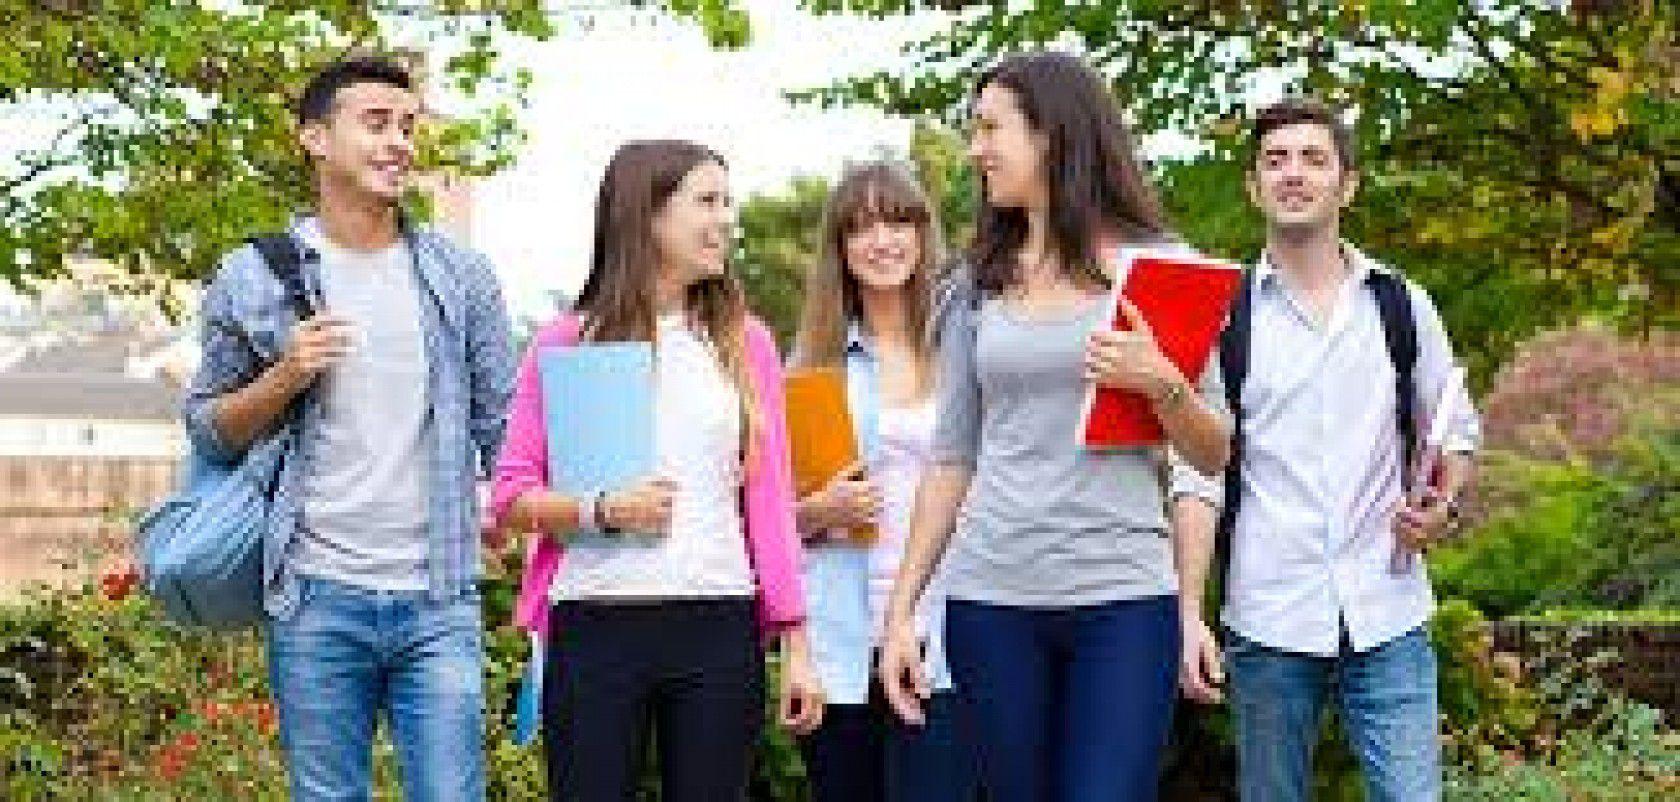 Amerikan lise eğitiminin tercih edilmesinin sebepleri nelerdir?